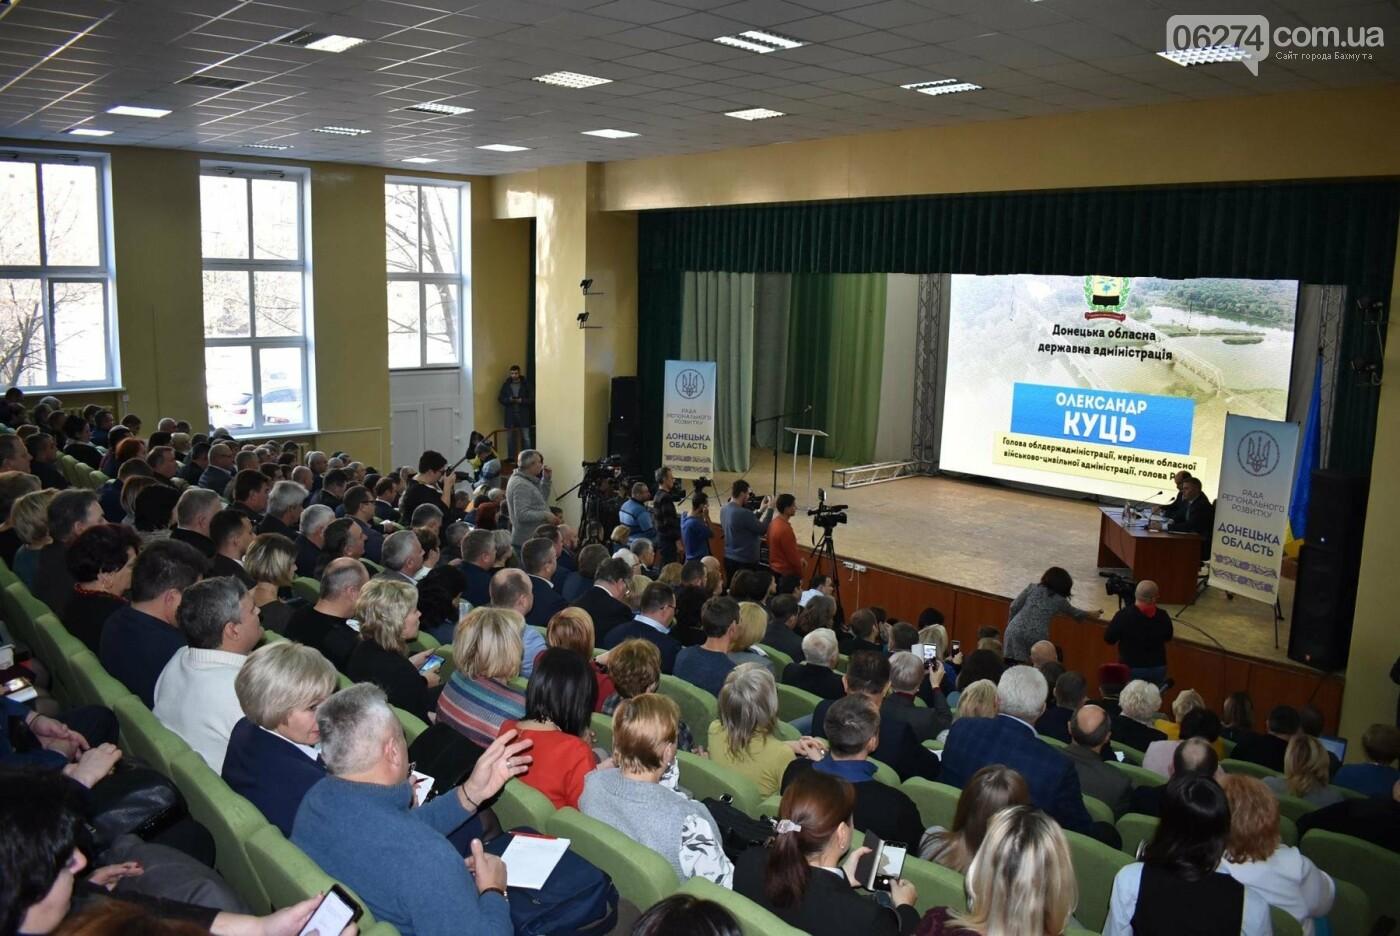 Городской голова Бахмута принял участие в заседании Совета регионального развития Донецкой области, фото-6